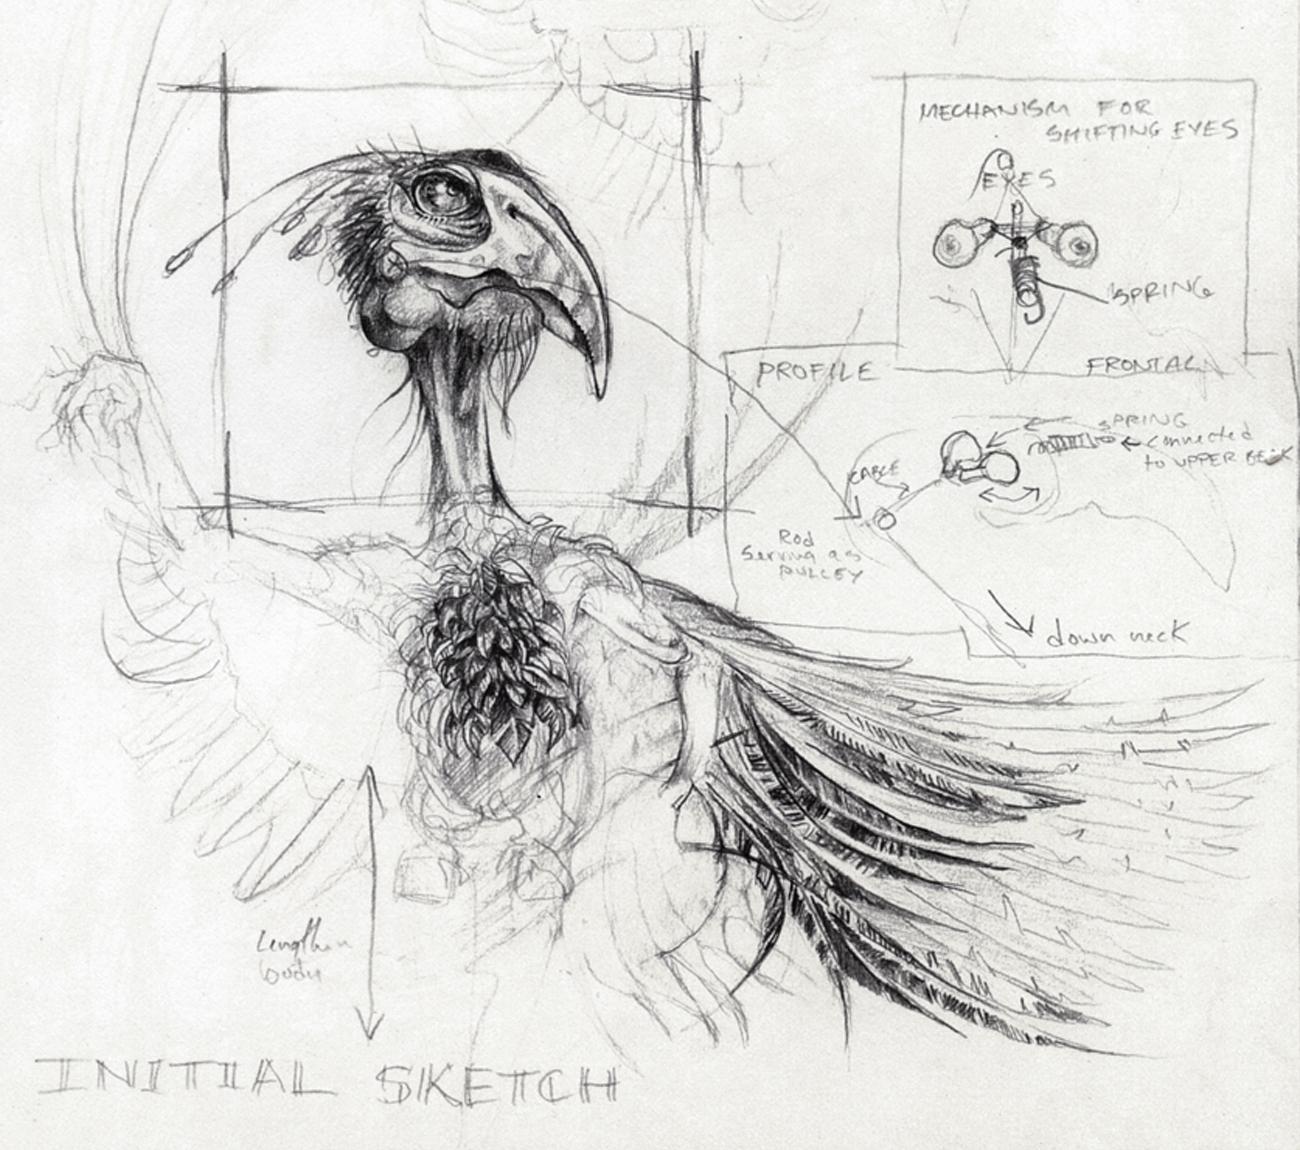 Bird Sketch with Diagrams - Andreas Engel Creative